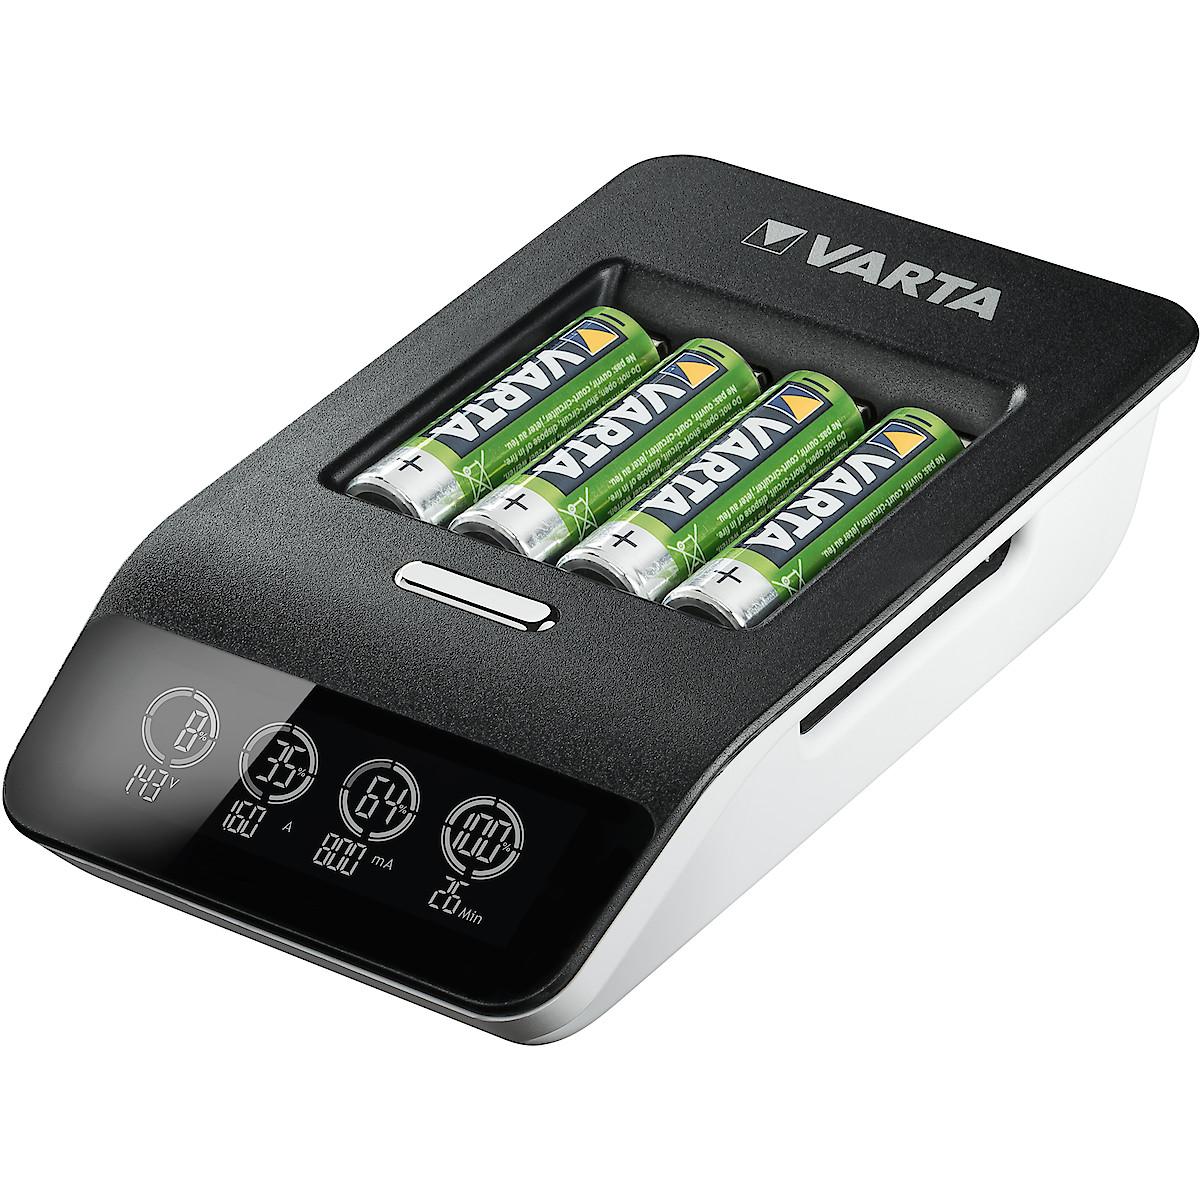 VARTA LCD Ultra Fast Charger+ batterilader